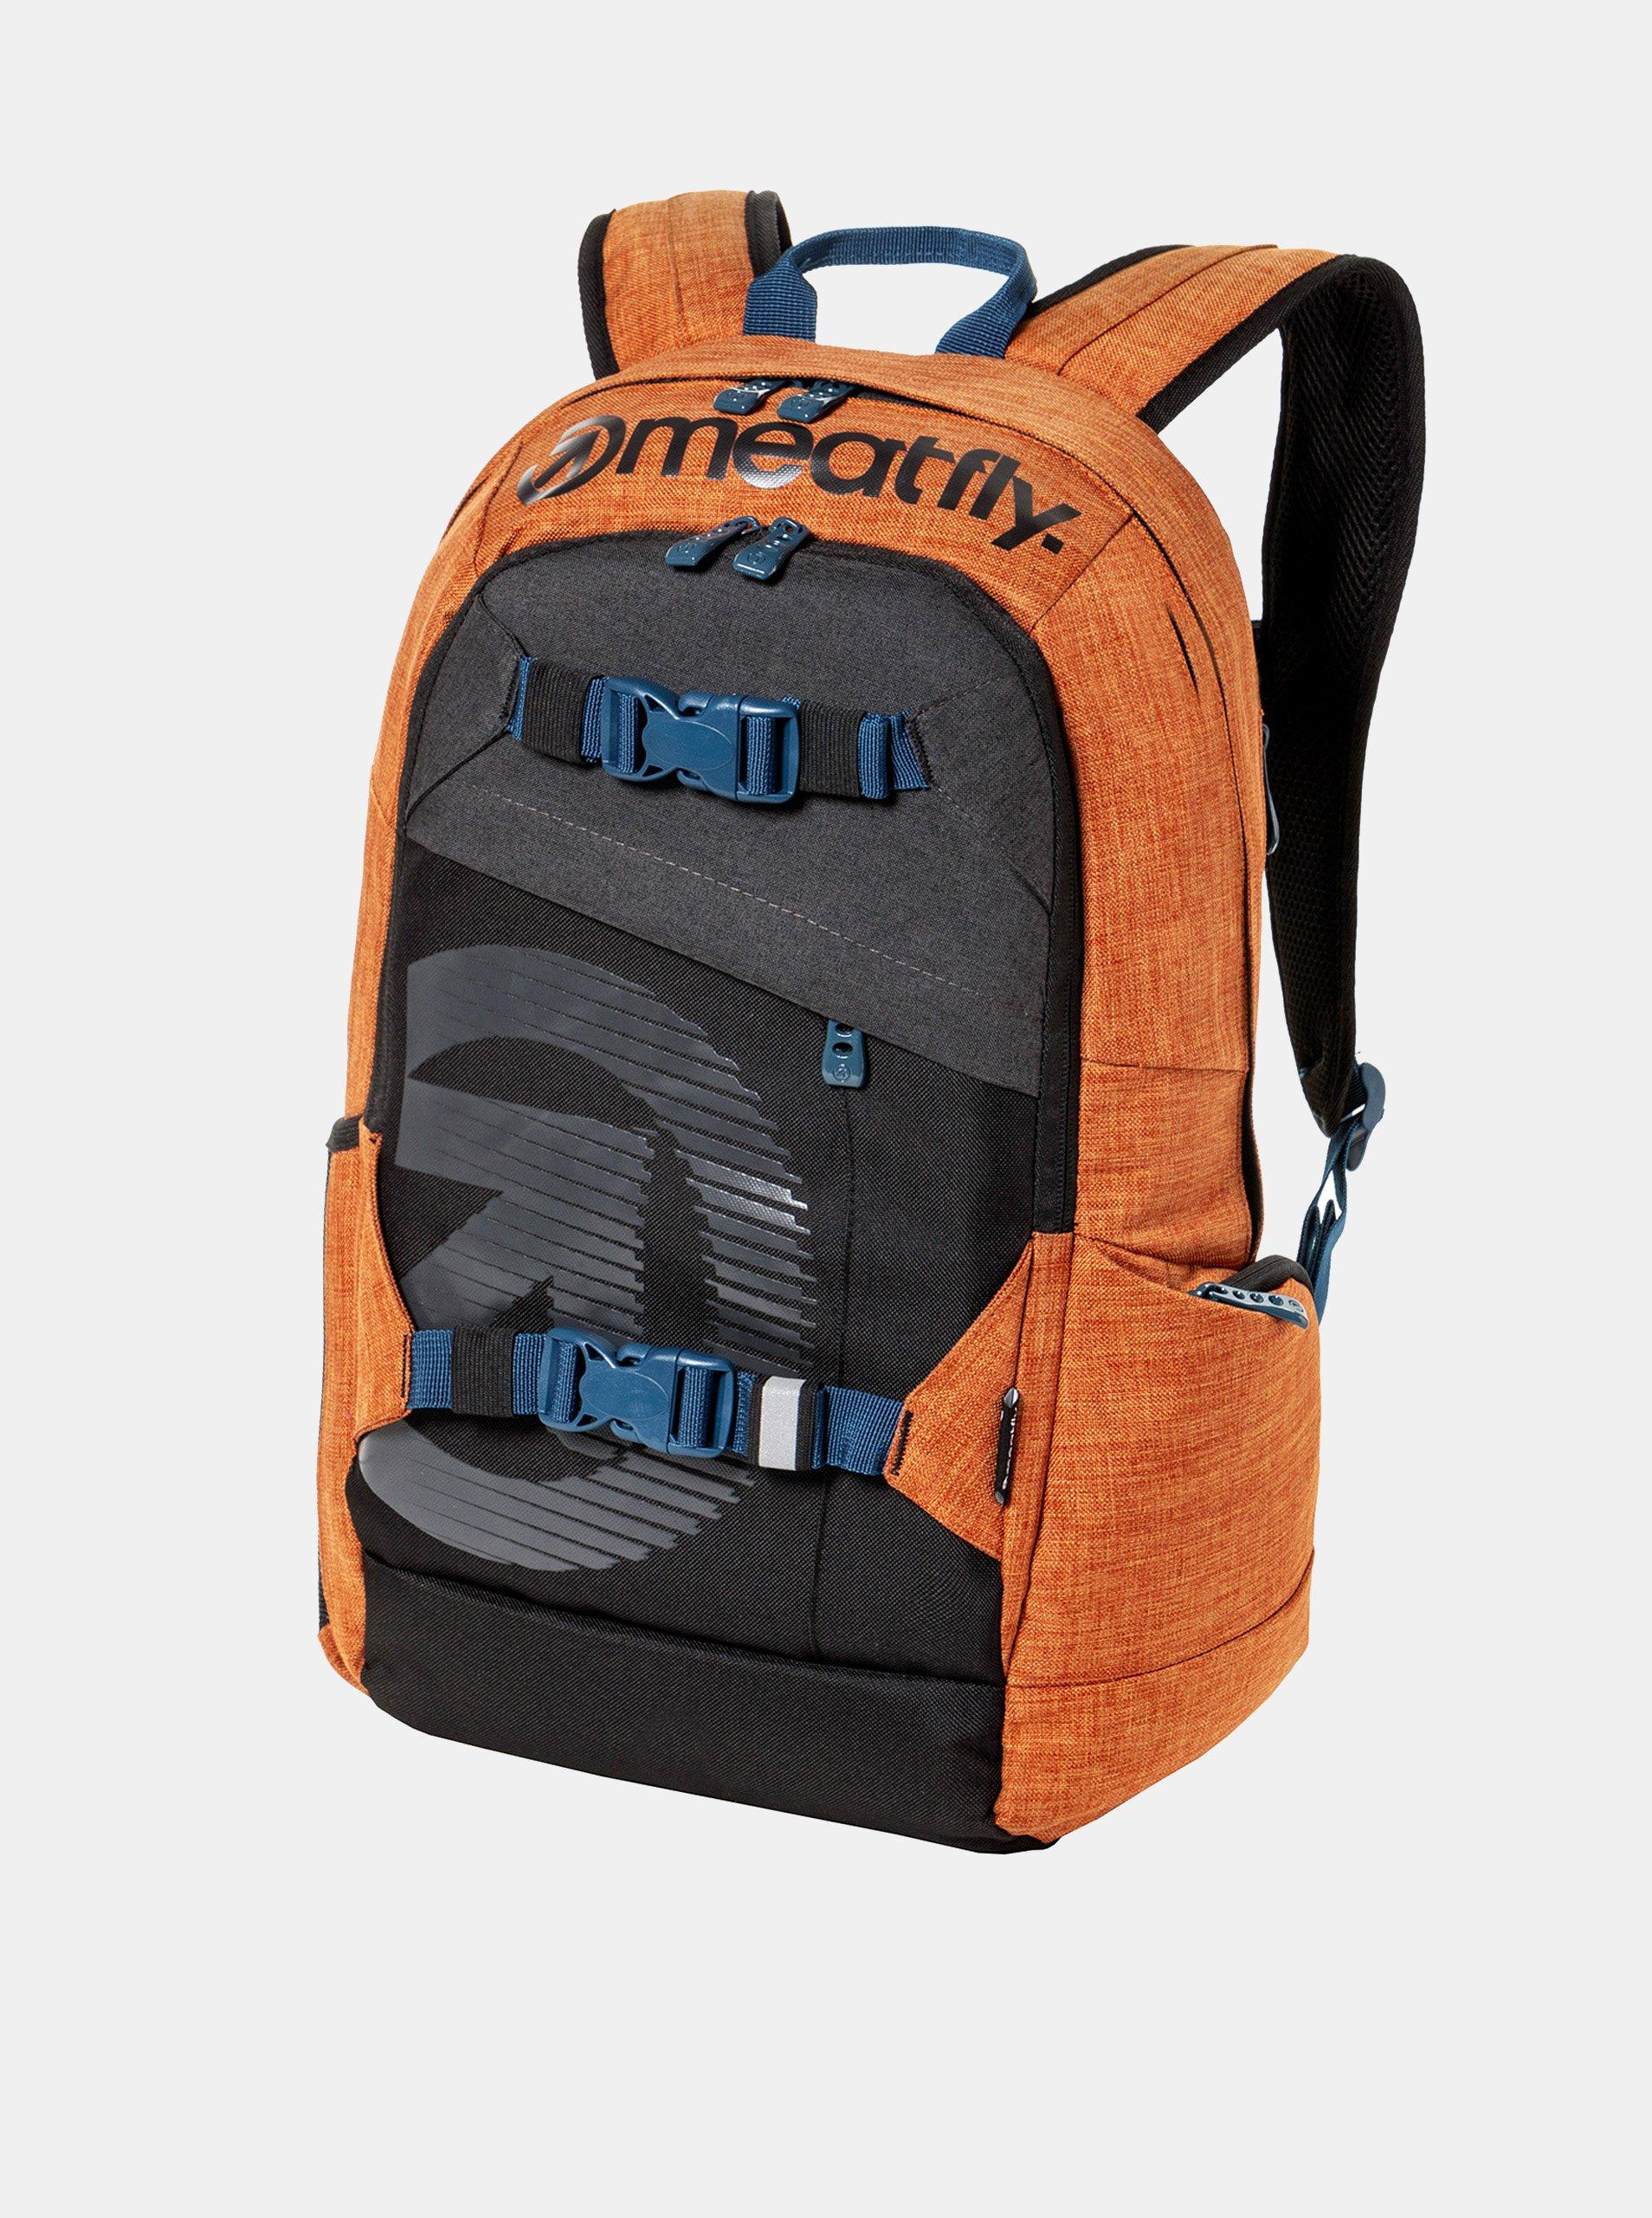 Fotografie Šedo-oranžový batoh s potiskem a penálem Meatfly 20 l